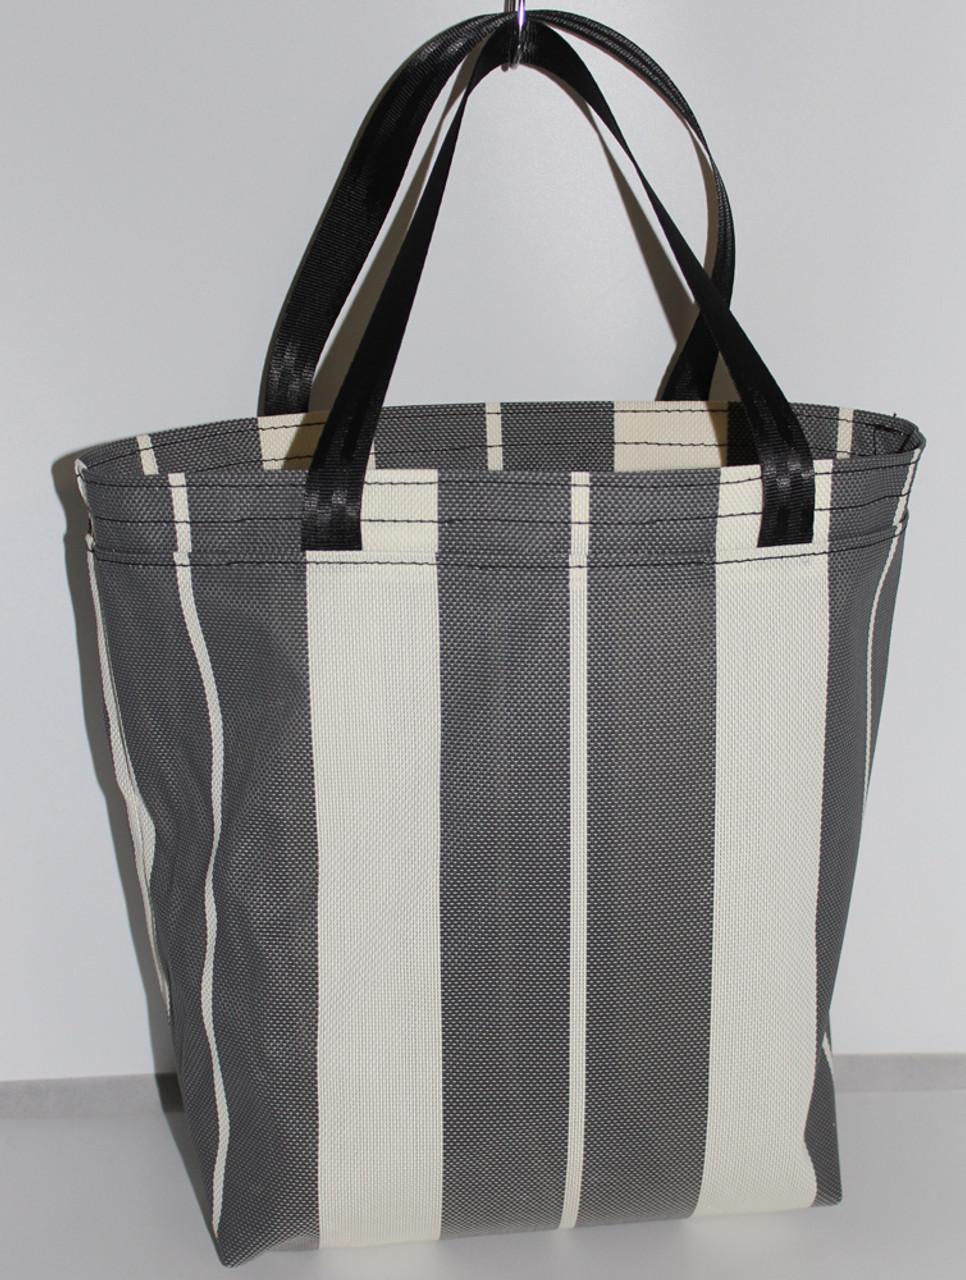 Shopping bags Mesh Australian Made pvc gear bags